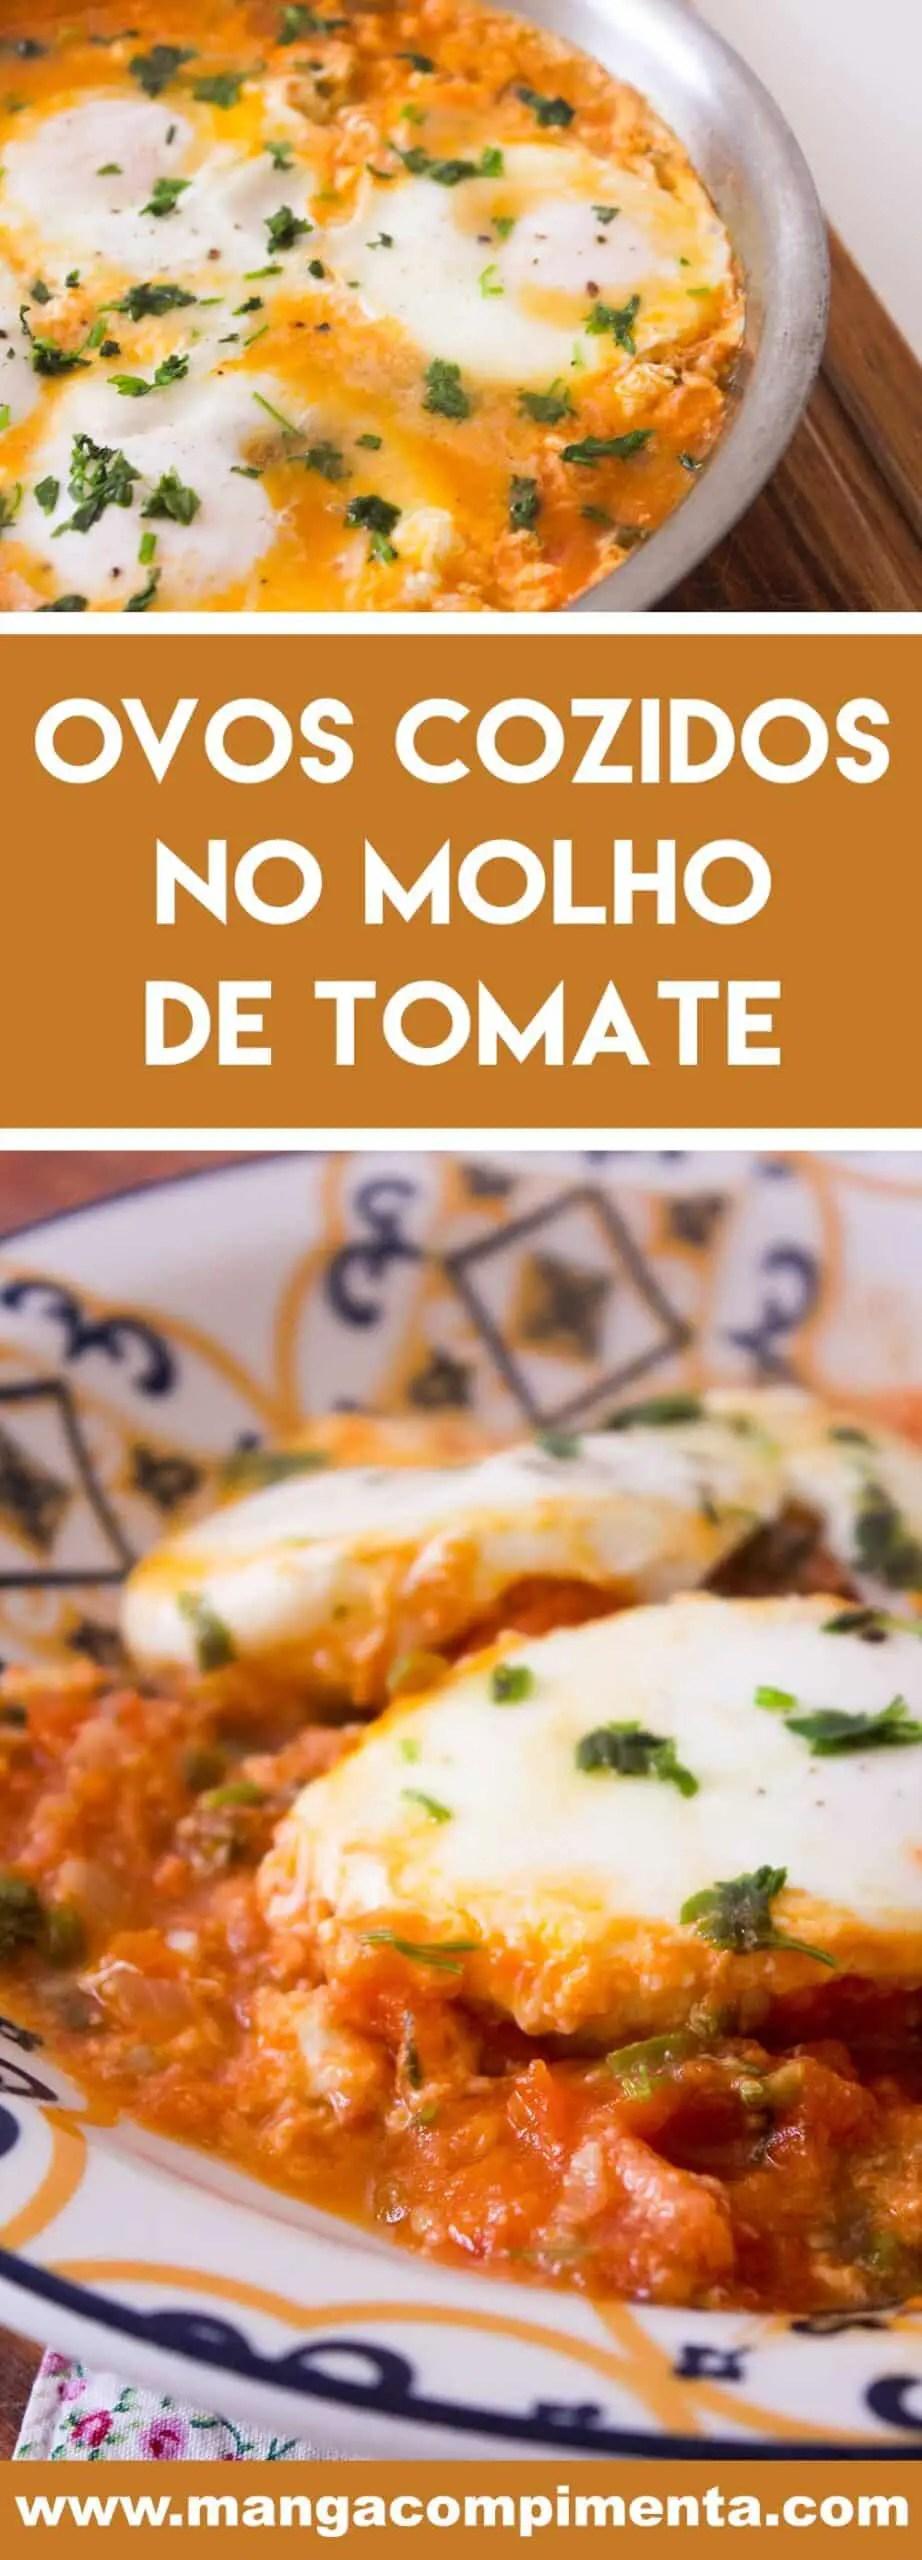 Receita de Ovos Cozidos em Molho de Tomate |Shakshuka - prepare para o almoço ou lanche da da semana!